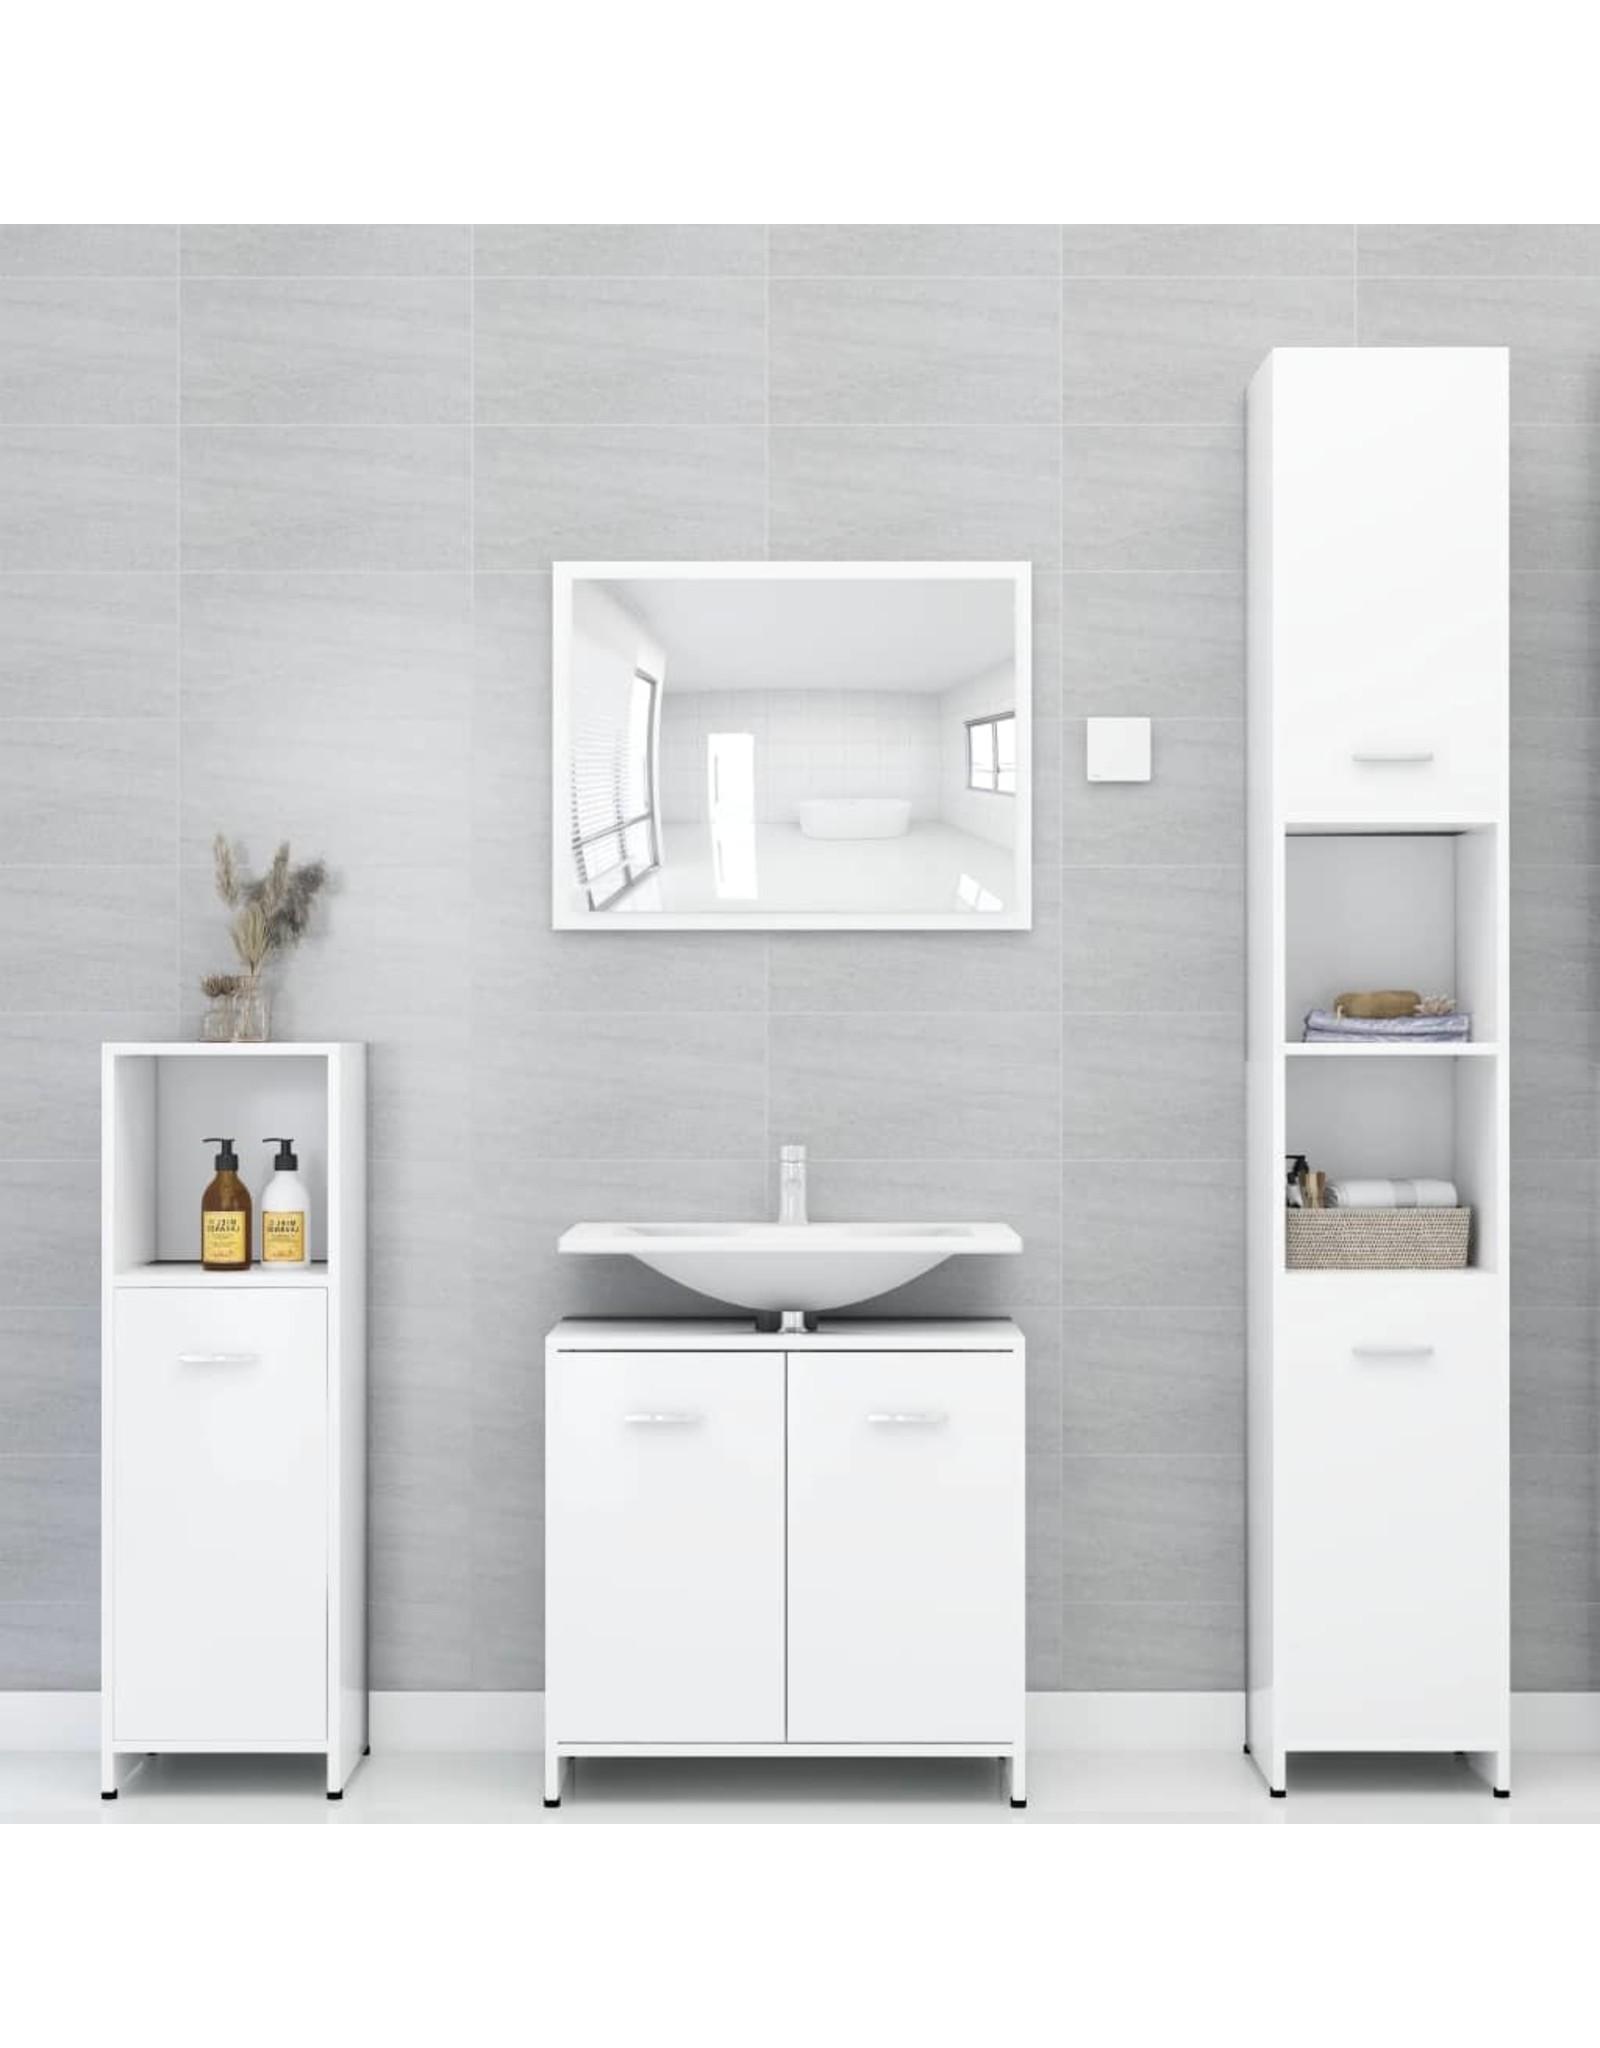 Badkamerkast 60x33x58 cm spaanplaat wit